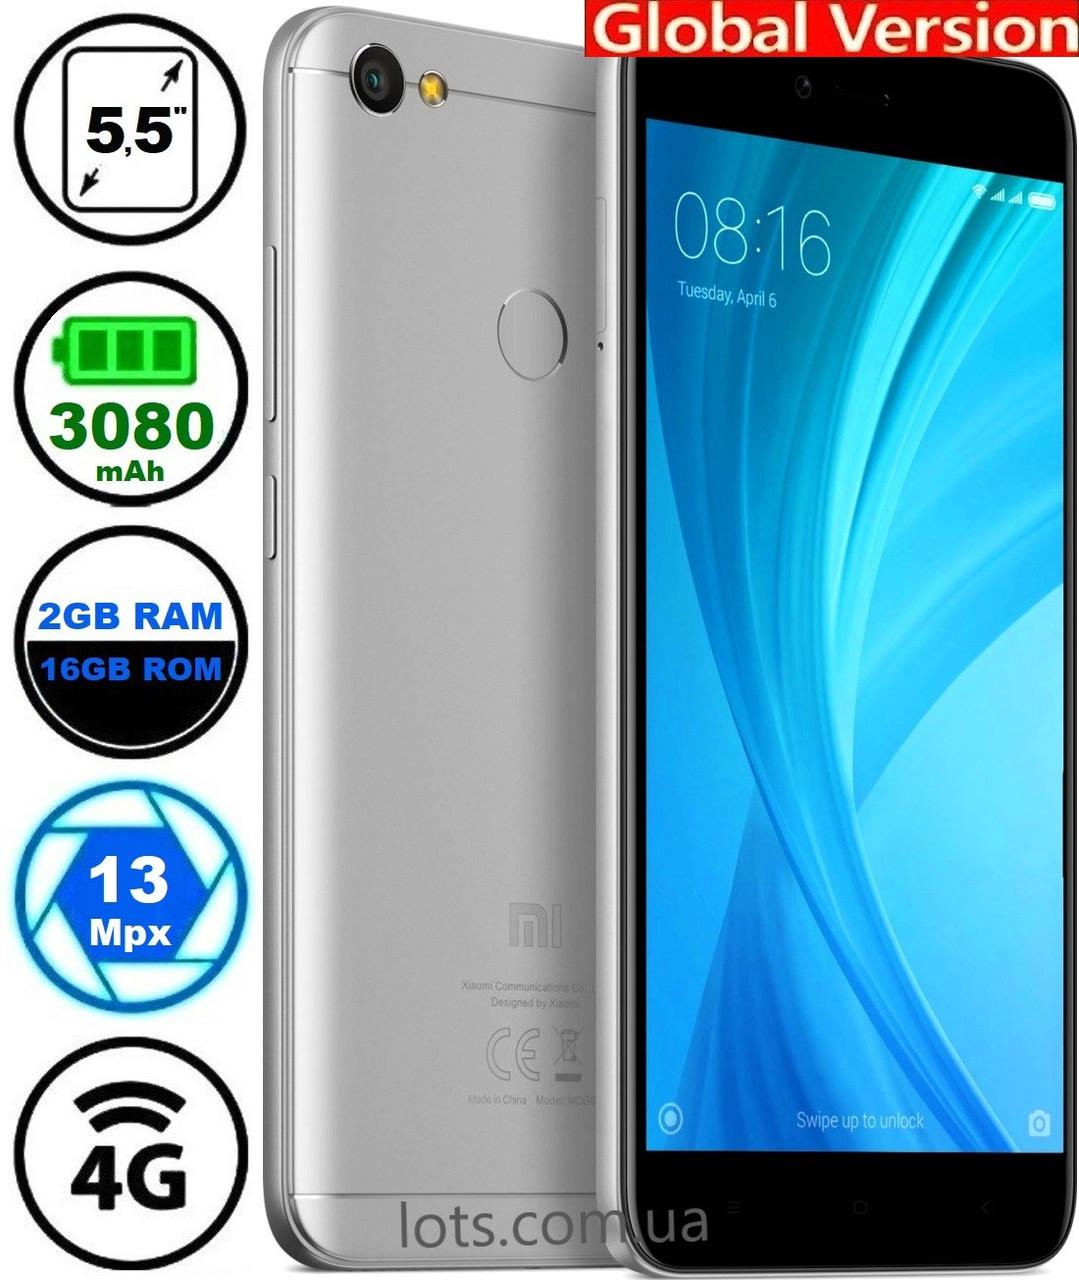 Смартфон Xiaomi Redmi Note 5 2/16Gb Grey 4G MIUI 10 (Сертифицирован в Украине UCRF) + Стекло в подарок